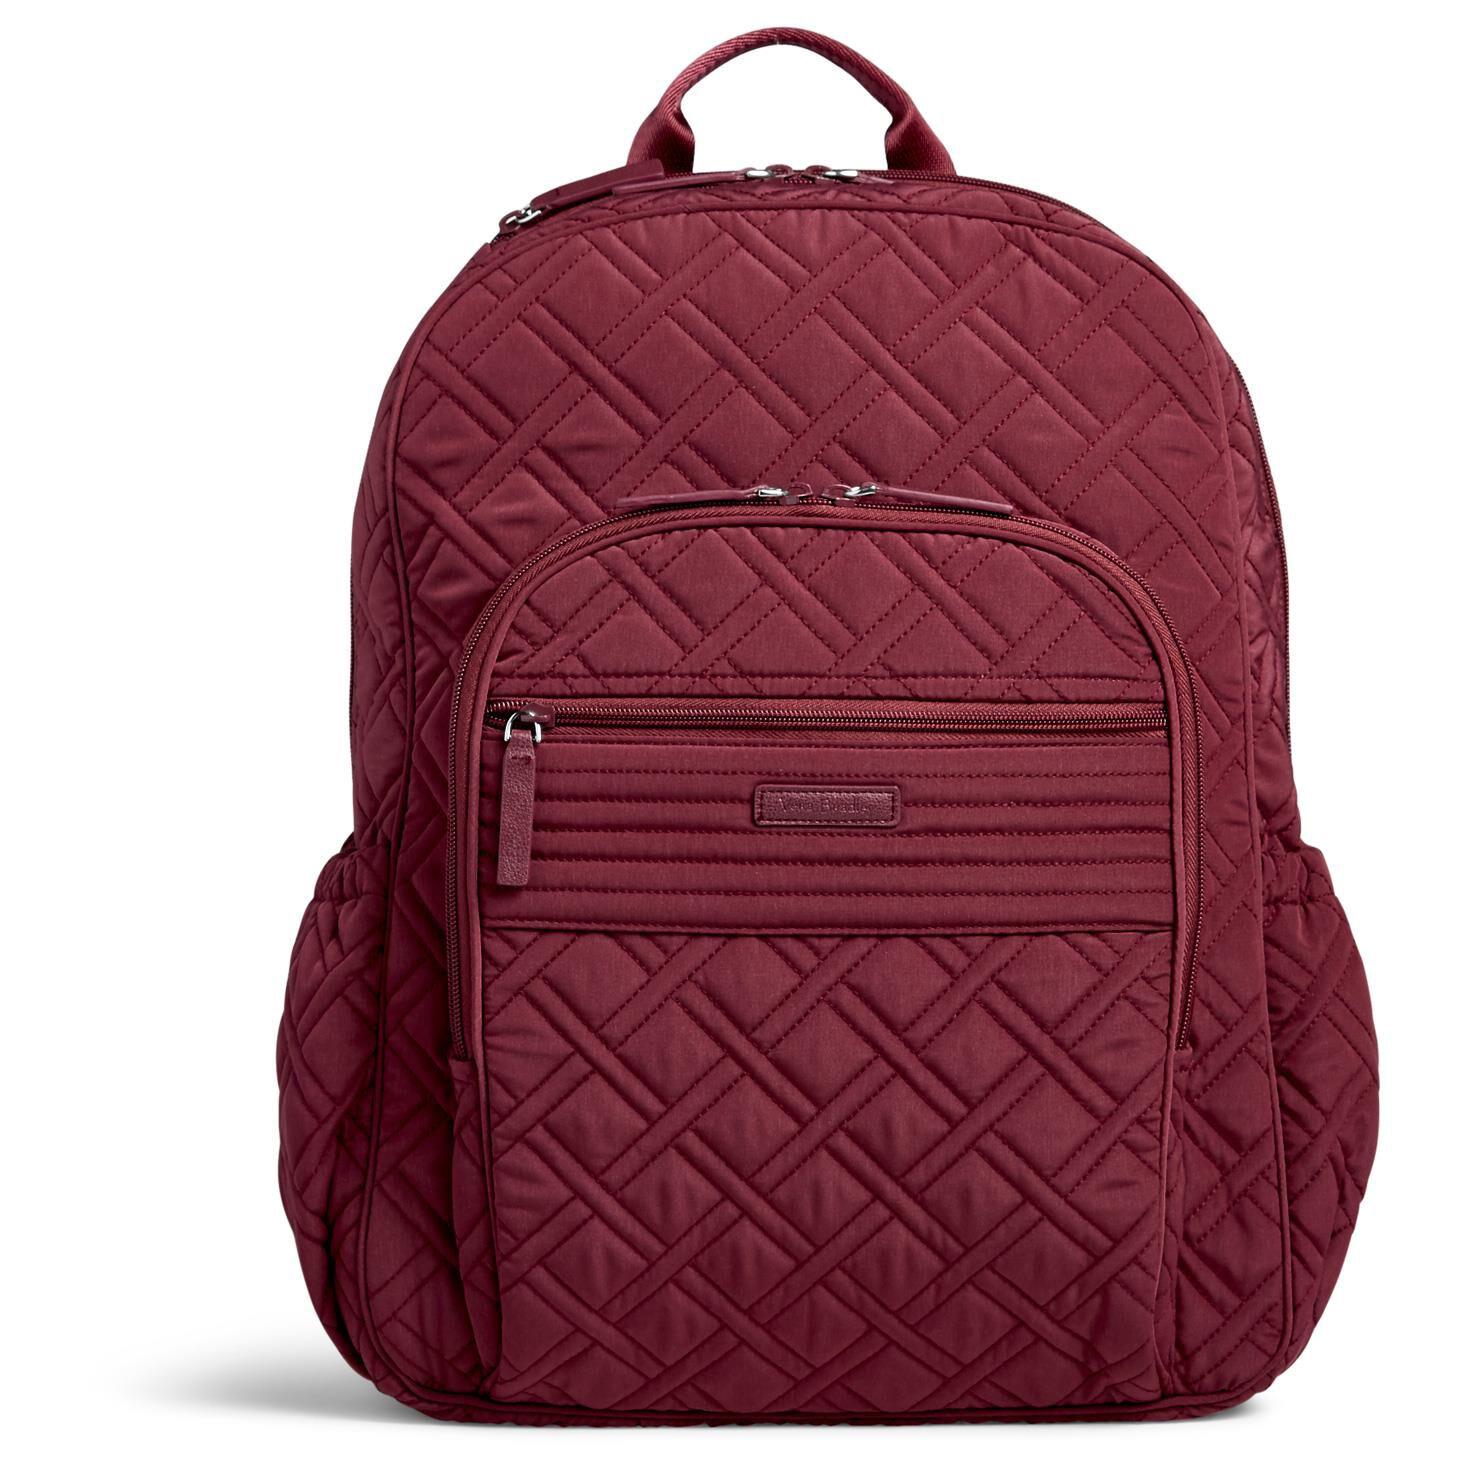 Really Cheap Vera Bradley Backpacks- Fenix Toulouse Handball 27117f77e02e8